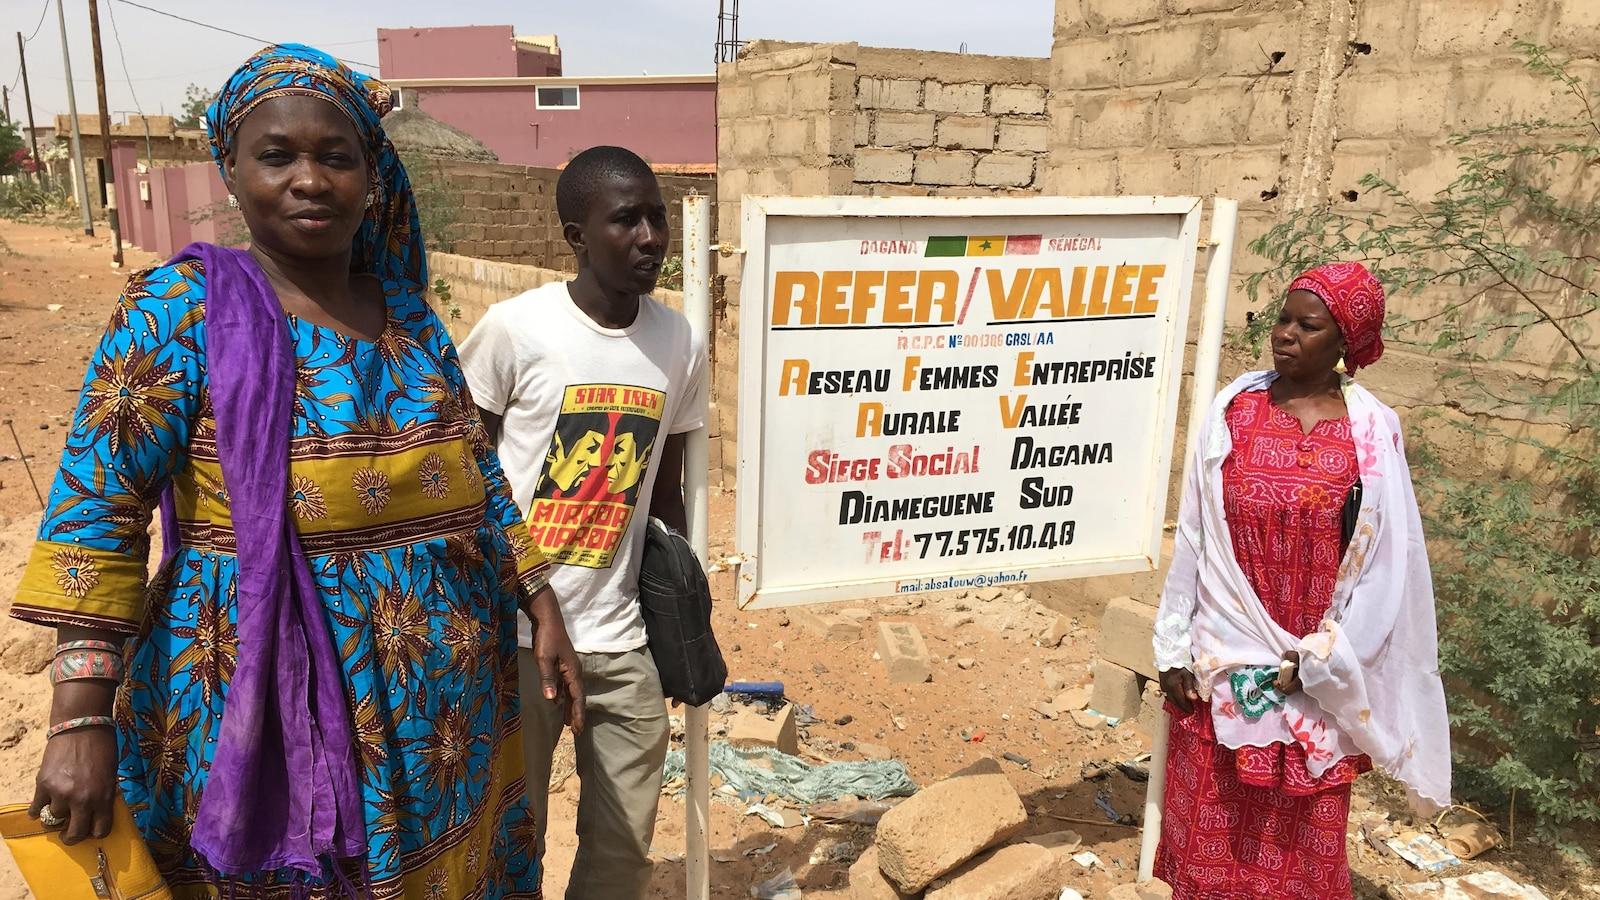 Lors d'une journée ensoleillée, deux femmes et un homme posent devant une pancarte sur laquelle on peut lire « Réseau femmes entreprise rurale vallée ».